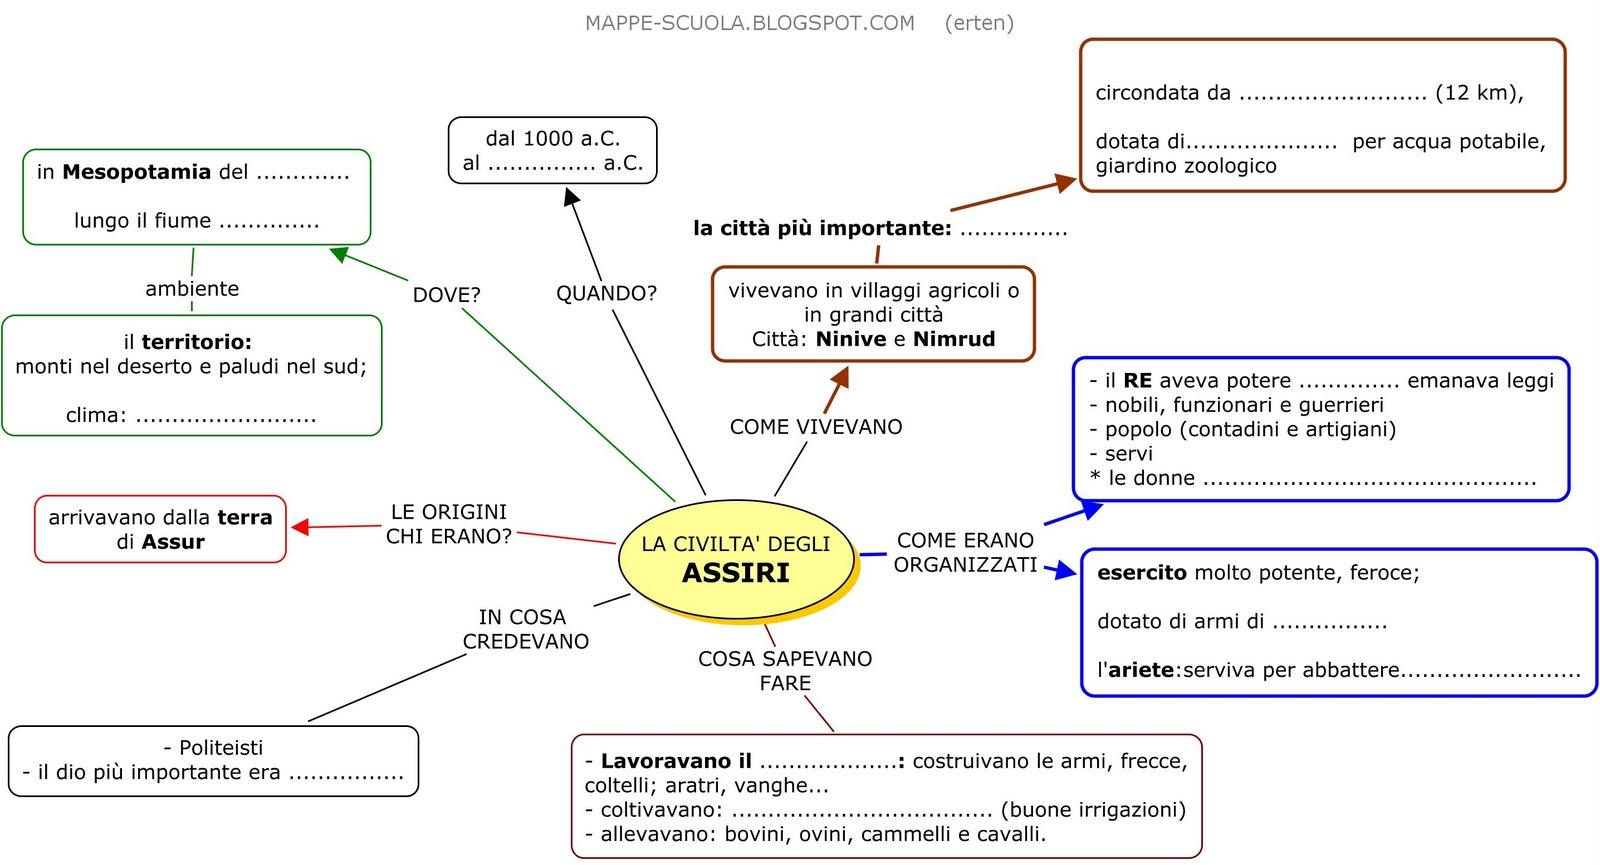 Populaire MAPPE per la SCUOLA: GLI ASSIRI HE24